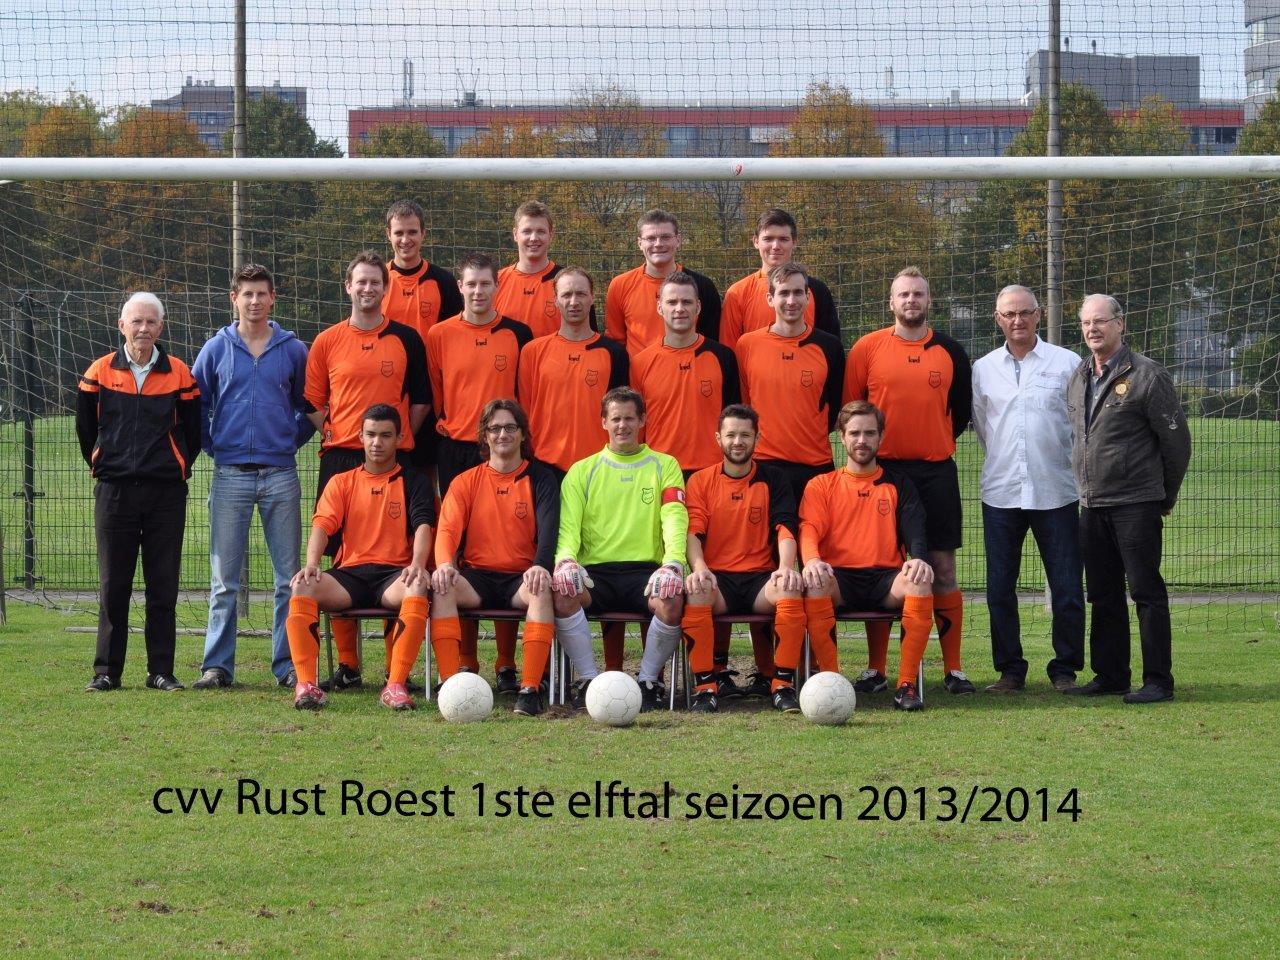 Teamfoto seizoen 2013/2014